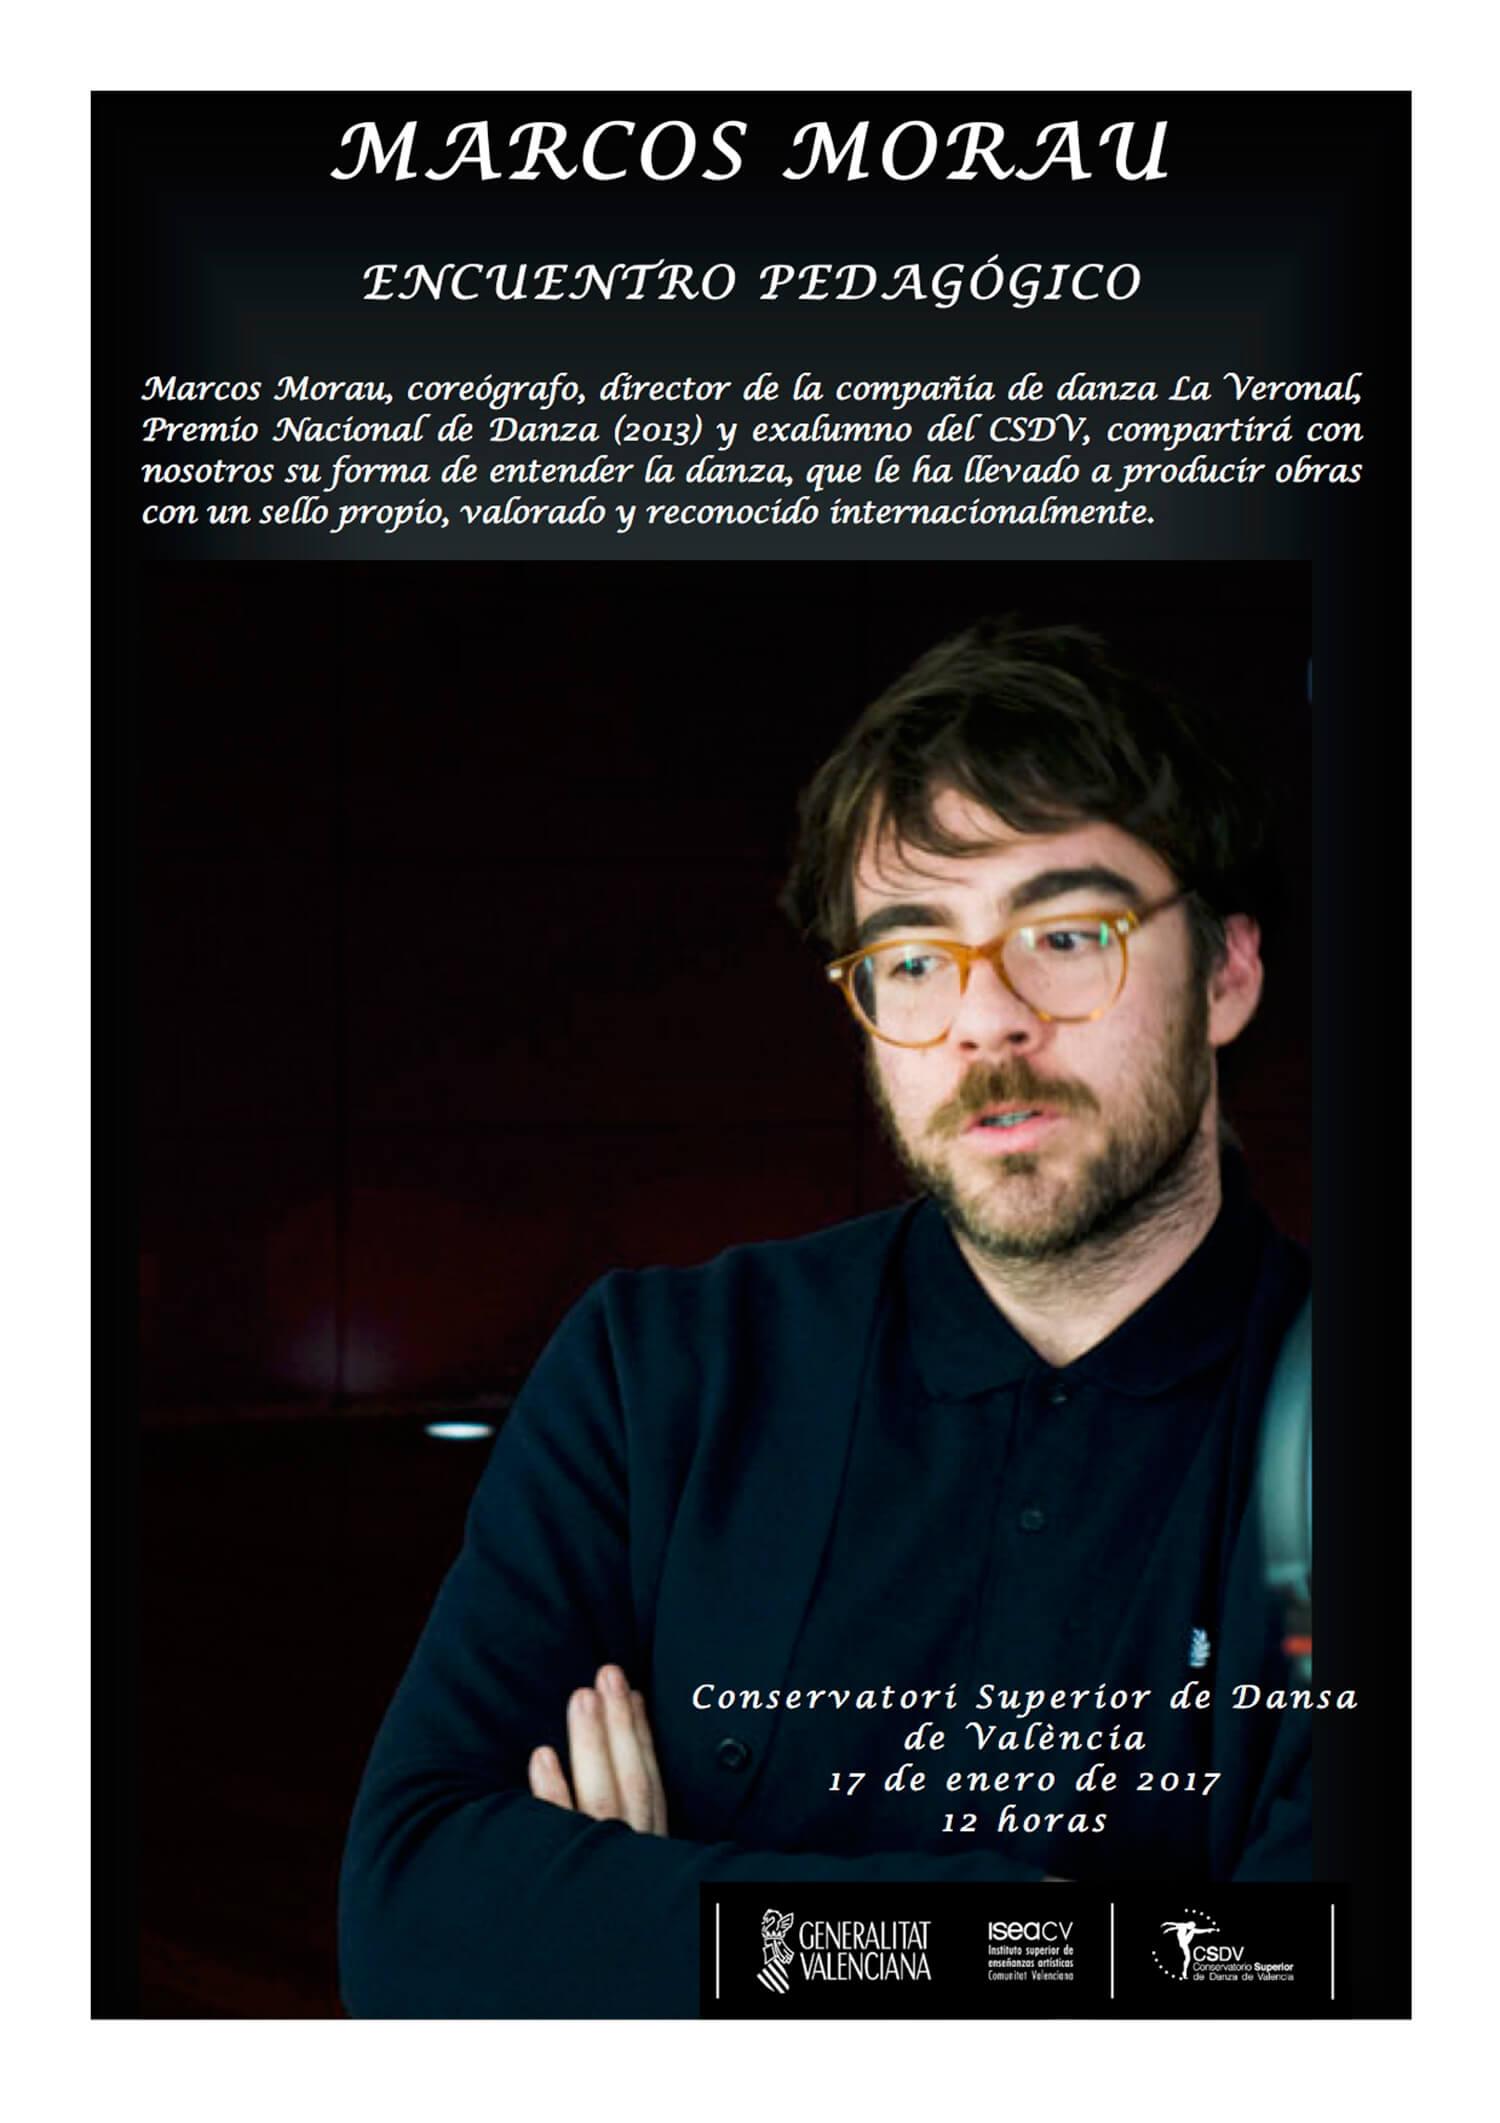 Encuentro pedagógico Marcos Morau